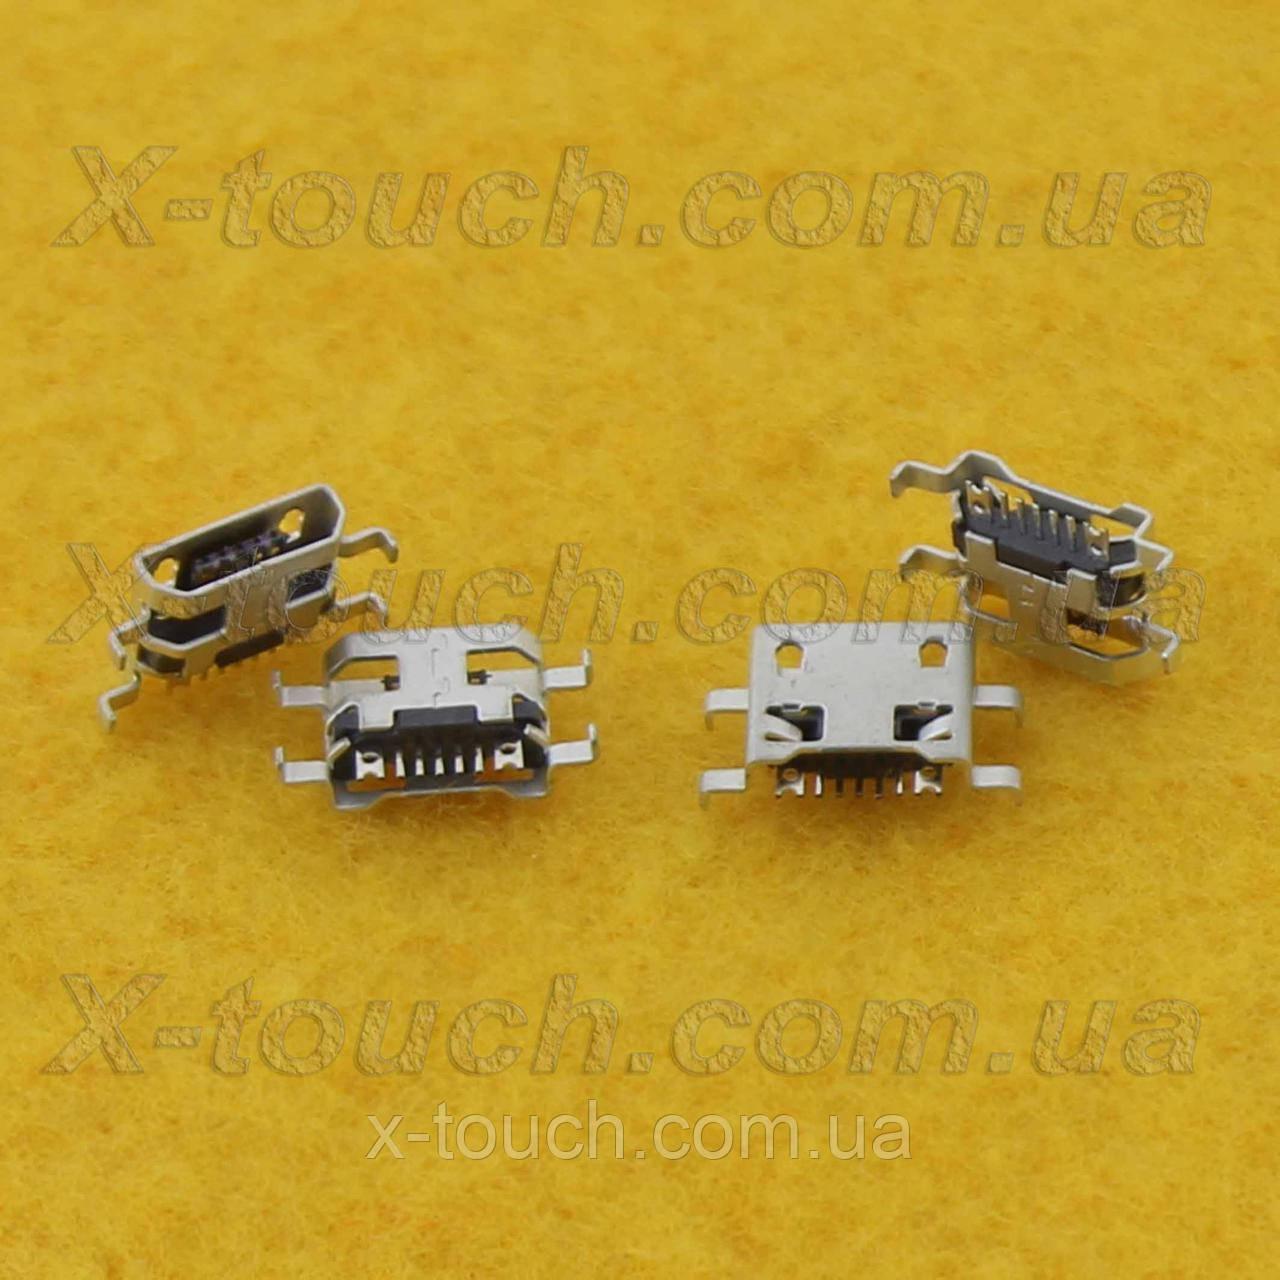 Роз'єм micro-USB B 7pin без бортика, подовжені контакти.